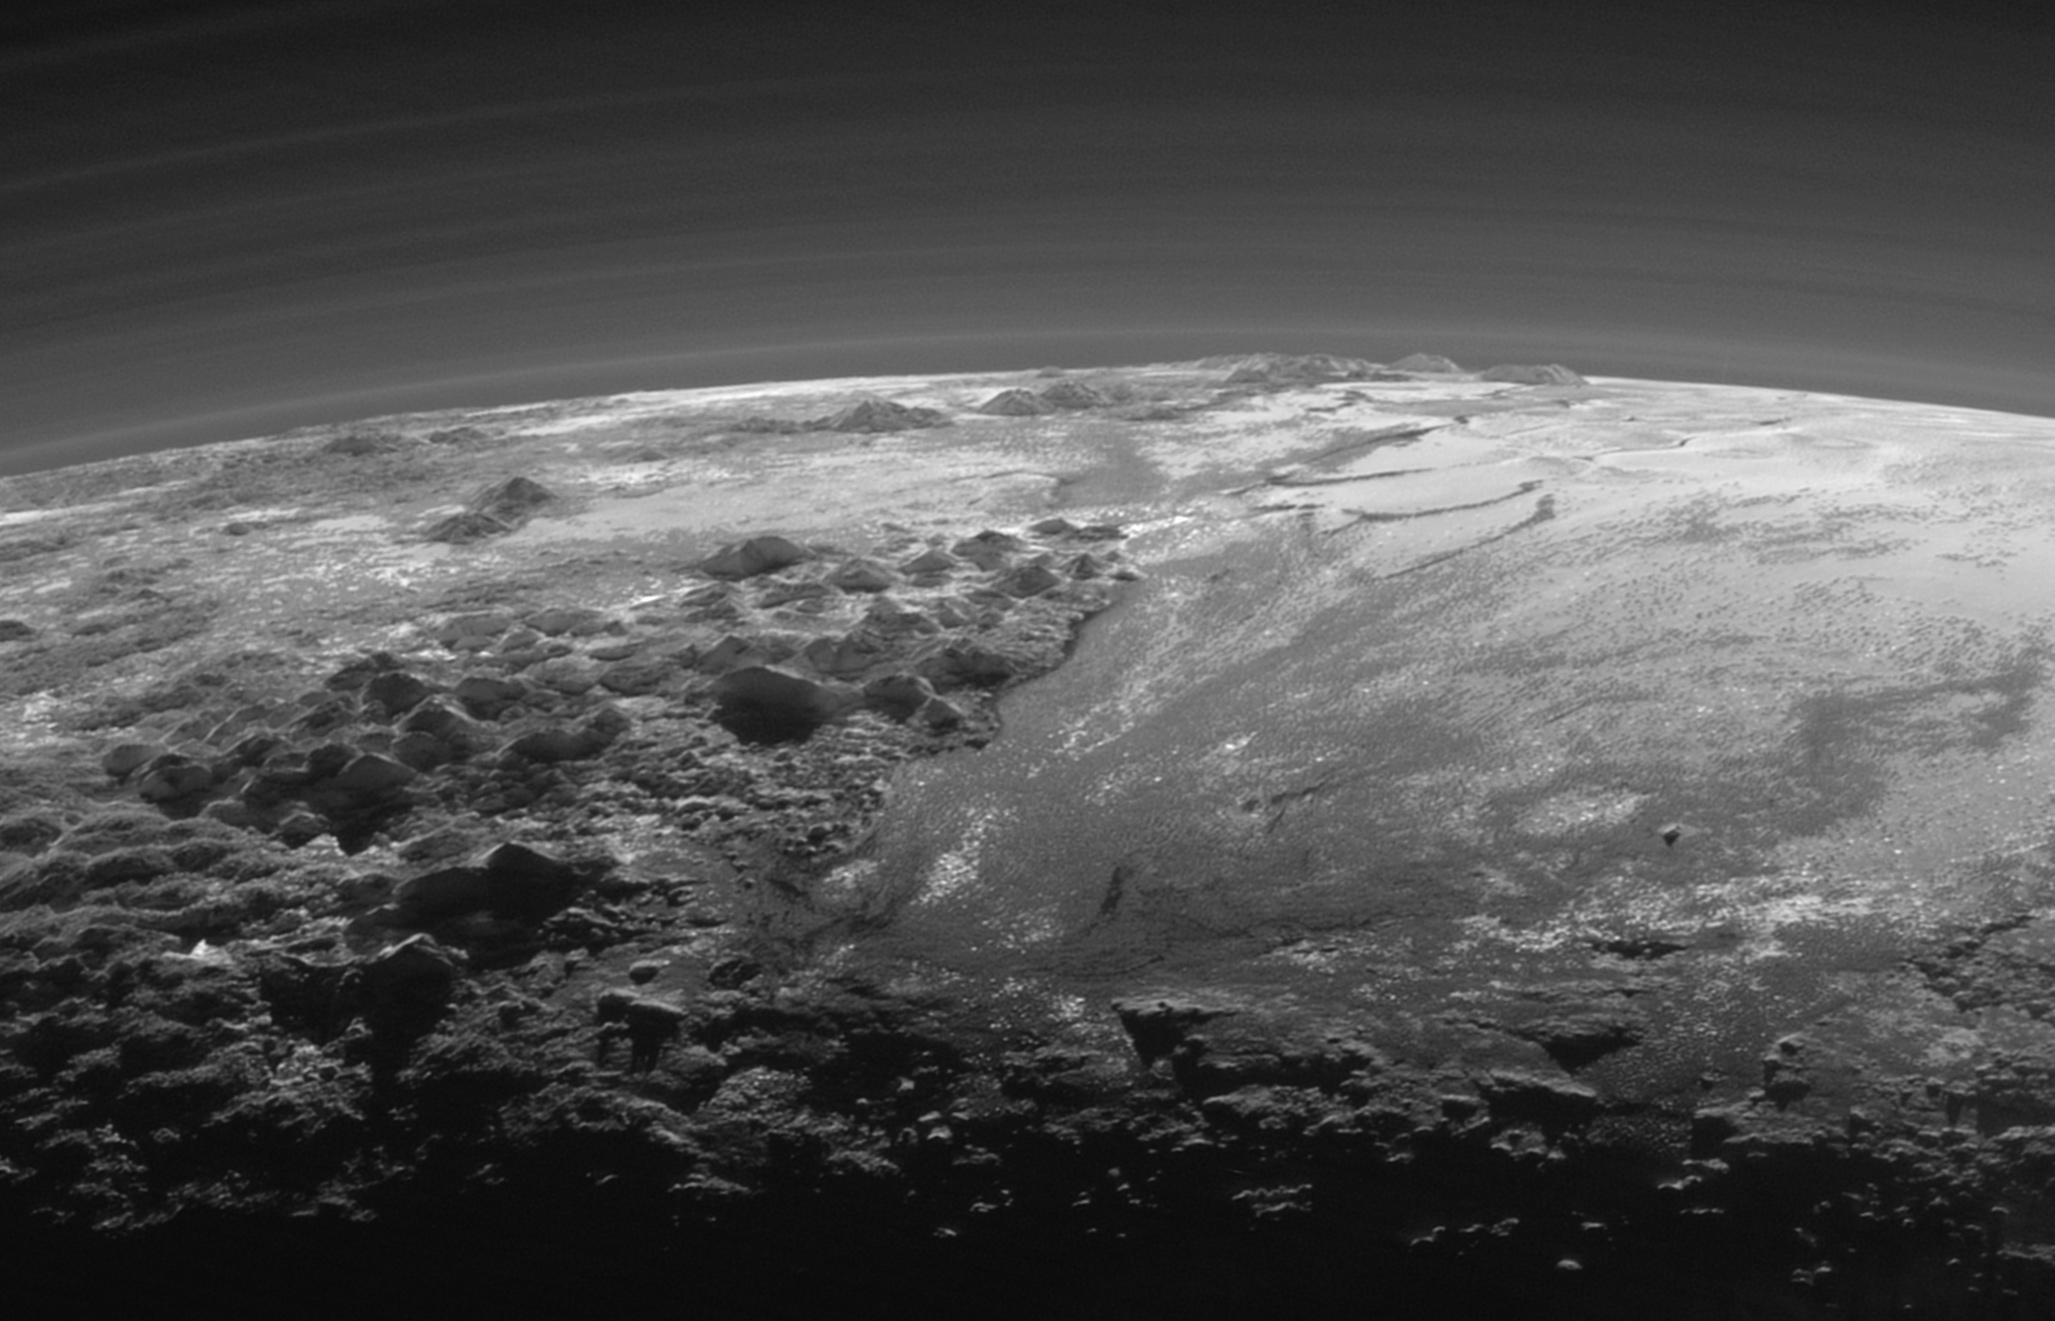 Imagens da sonda New Horizons da NASA mostra as superfícies congeladas de Plutão